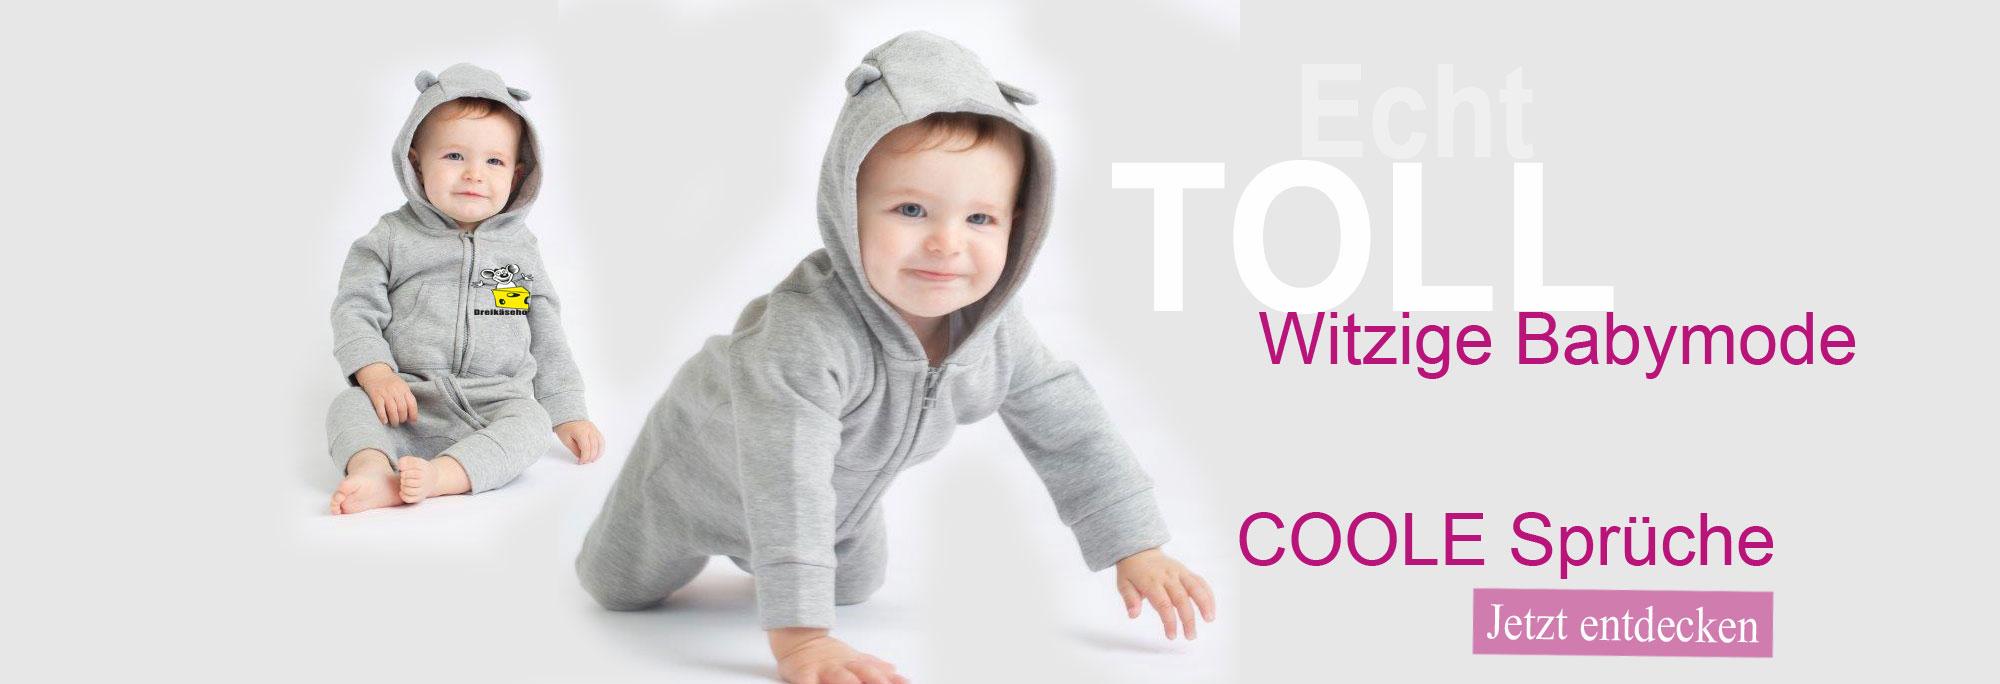 baby t-shirt | liebevoll bedruckte babymode |einzigartig